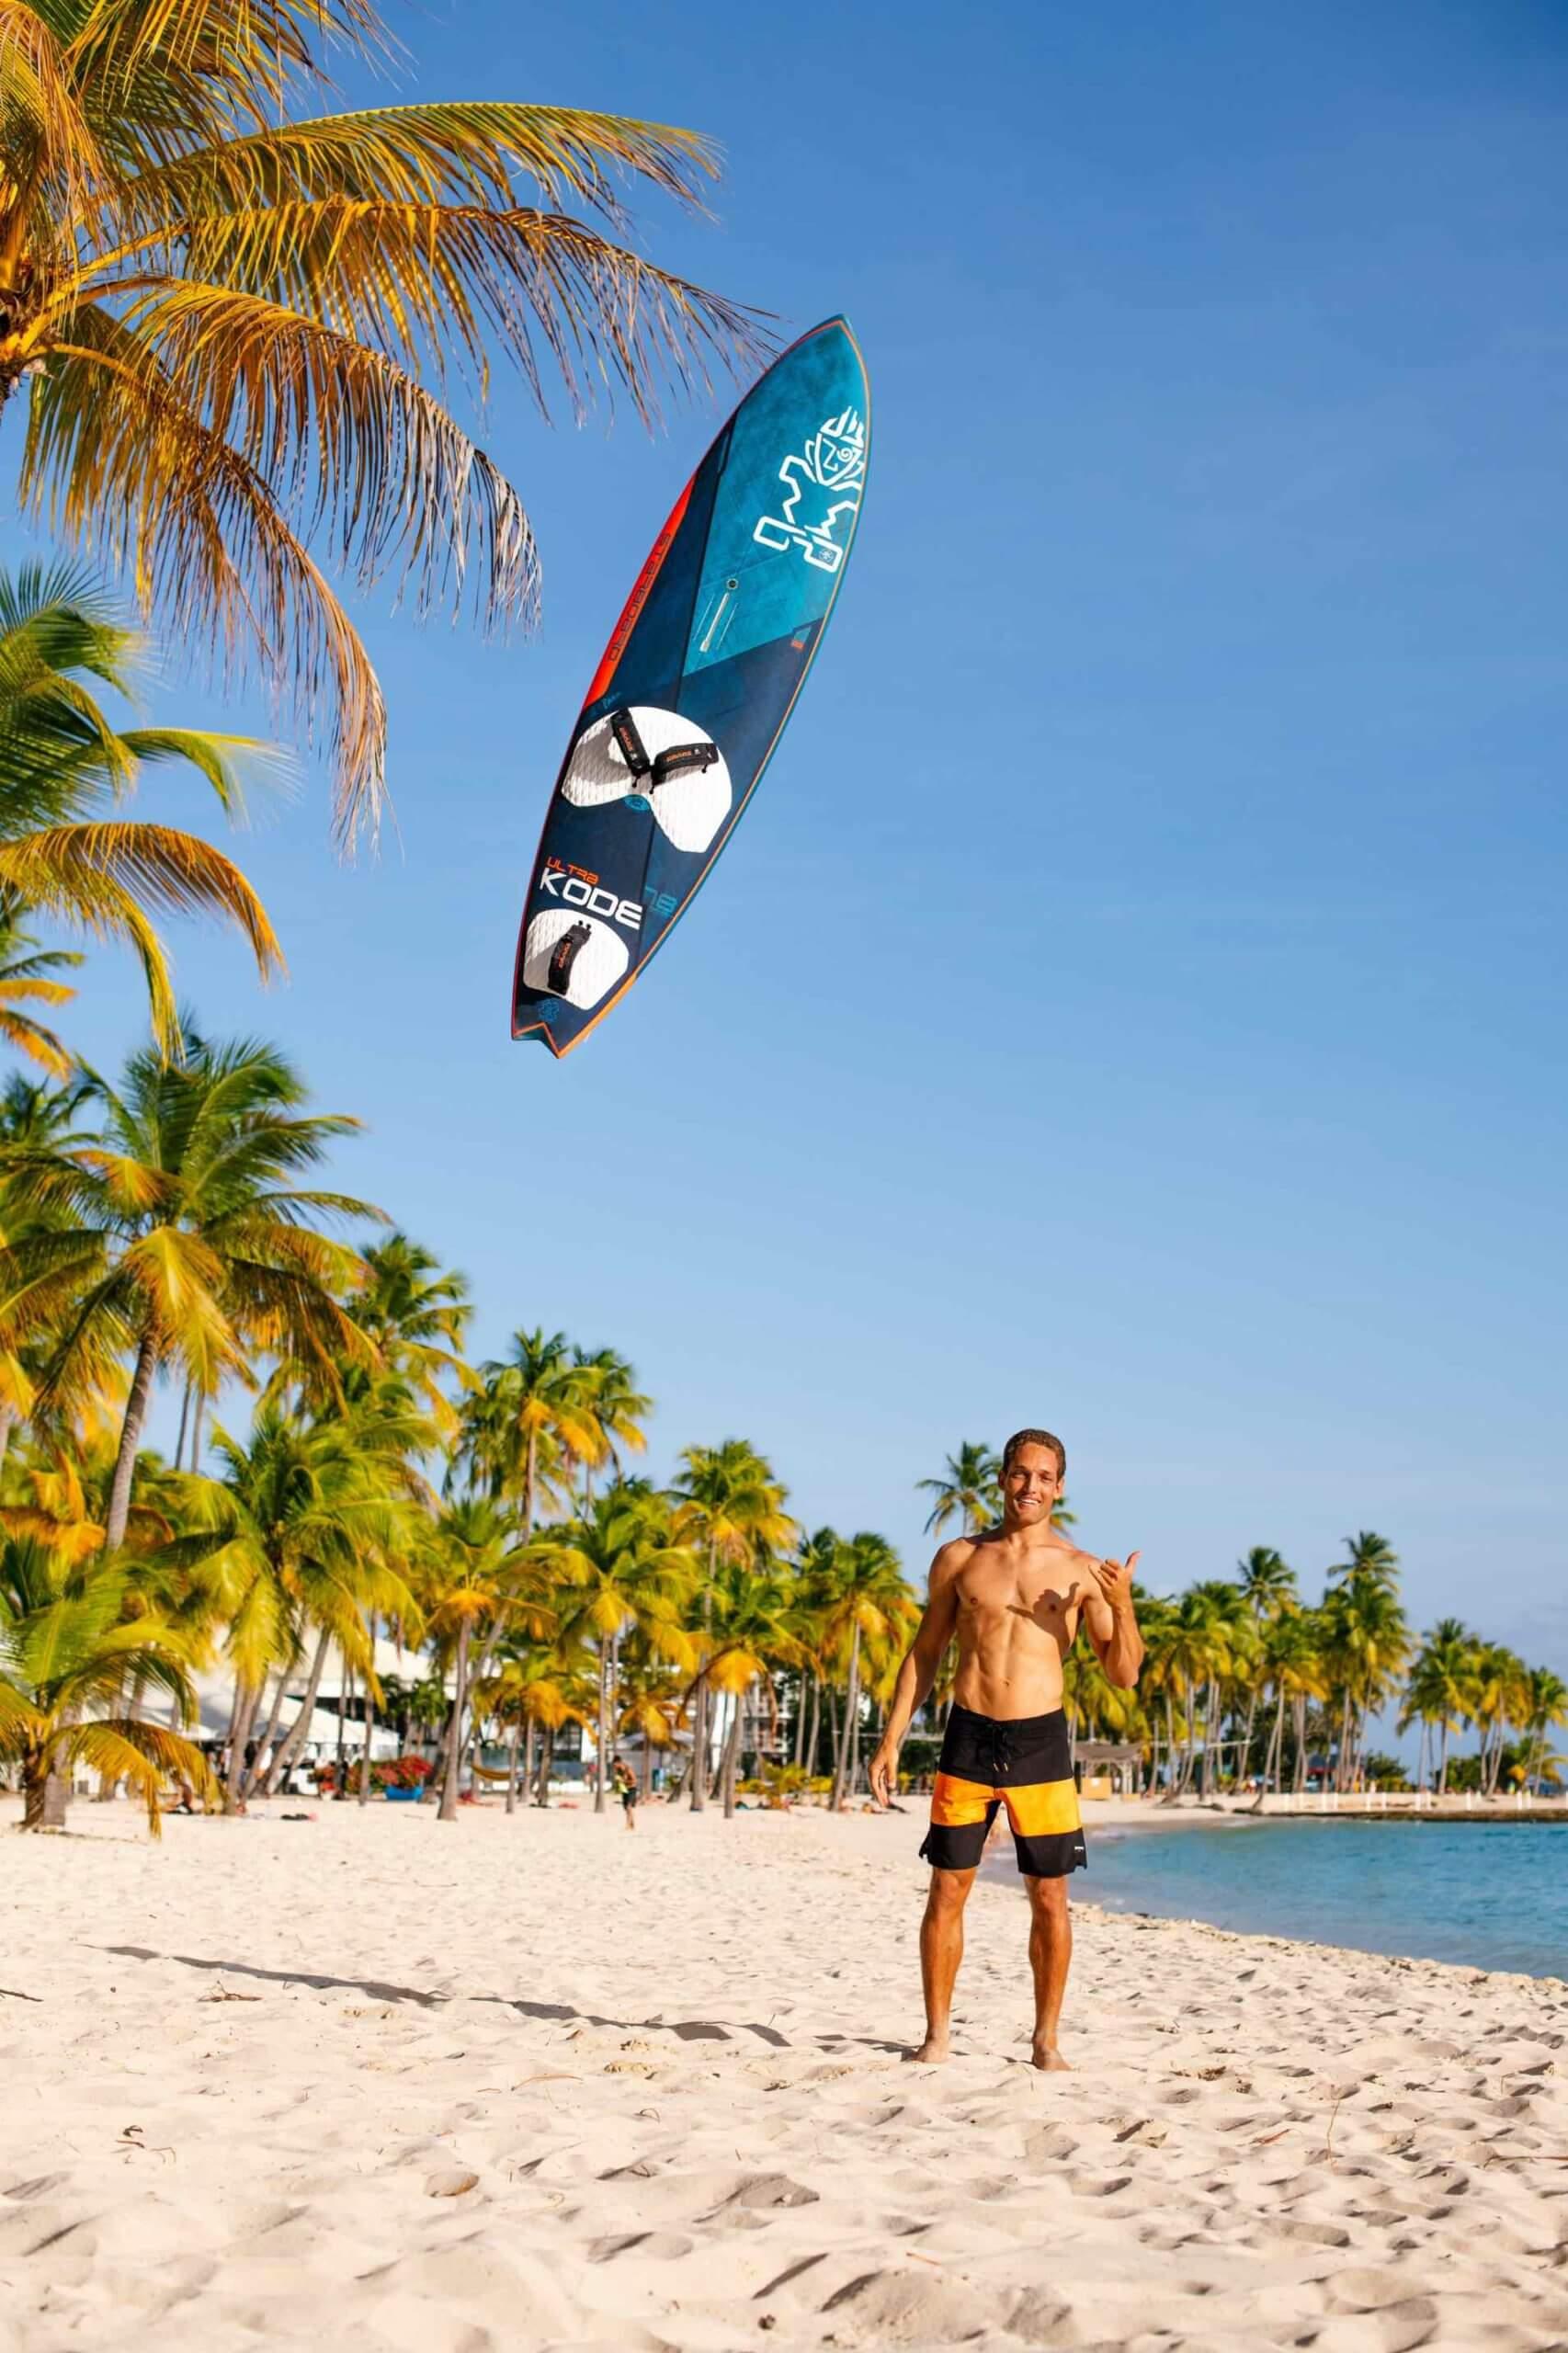 Antoine Martin Joins Starboard´s Dream Team - 3 - Windsurf